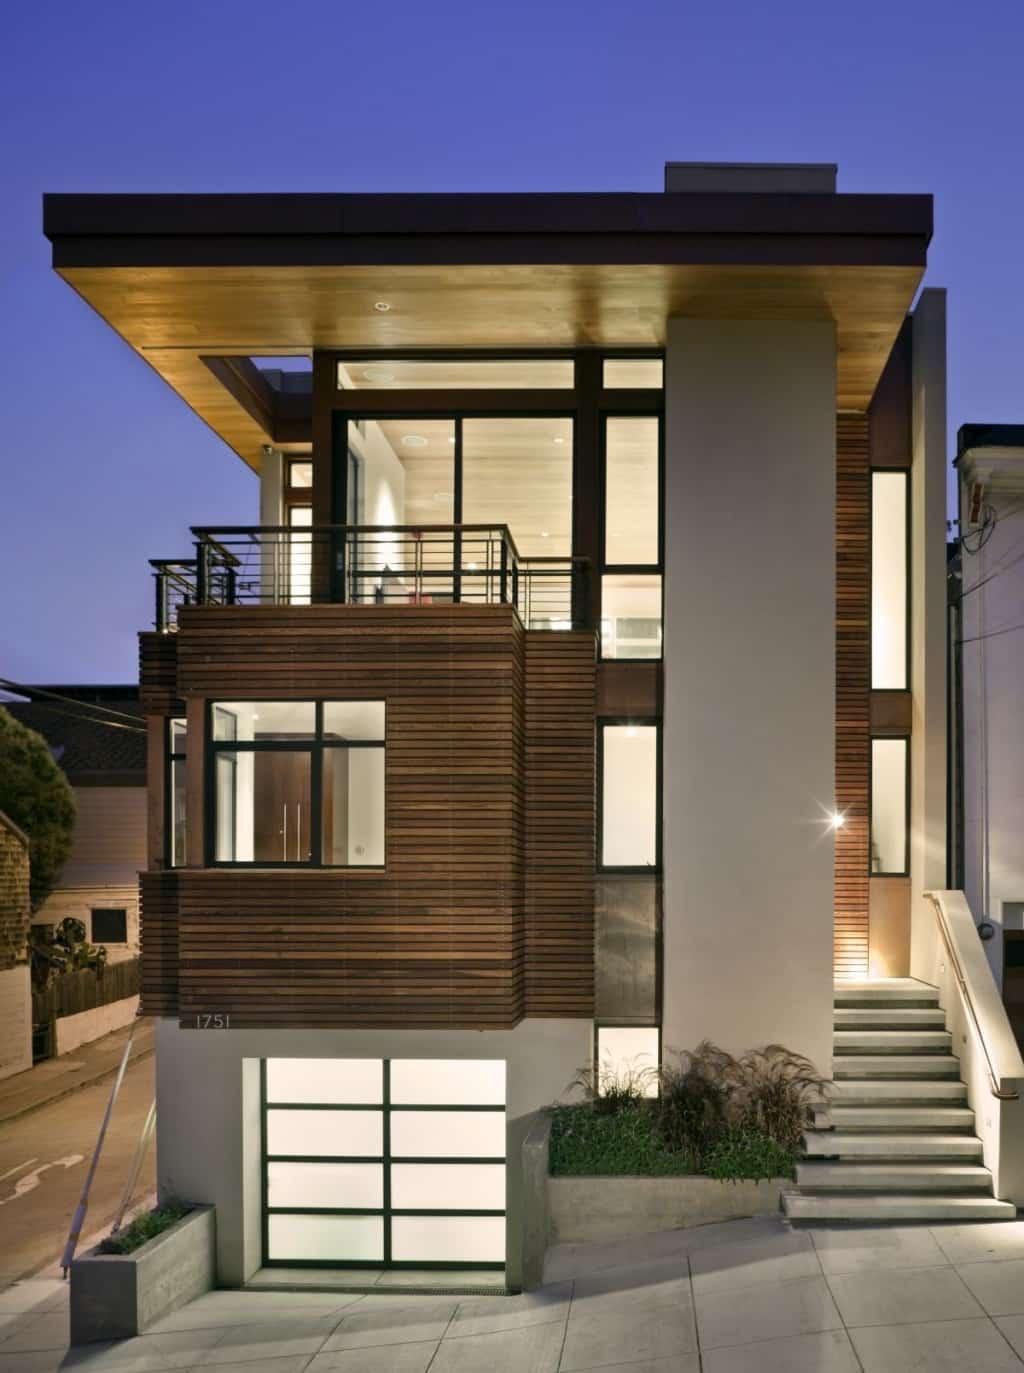 Desain Rumah Minimalis Rumah Kecil Gati Rizky Yang Minimalis